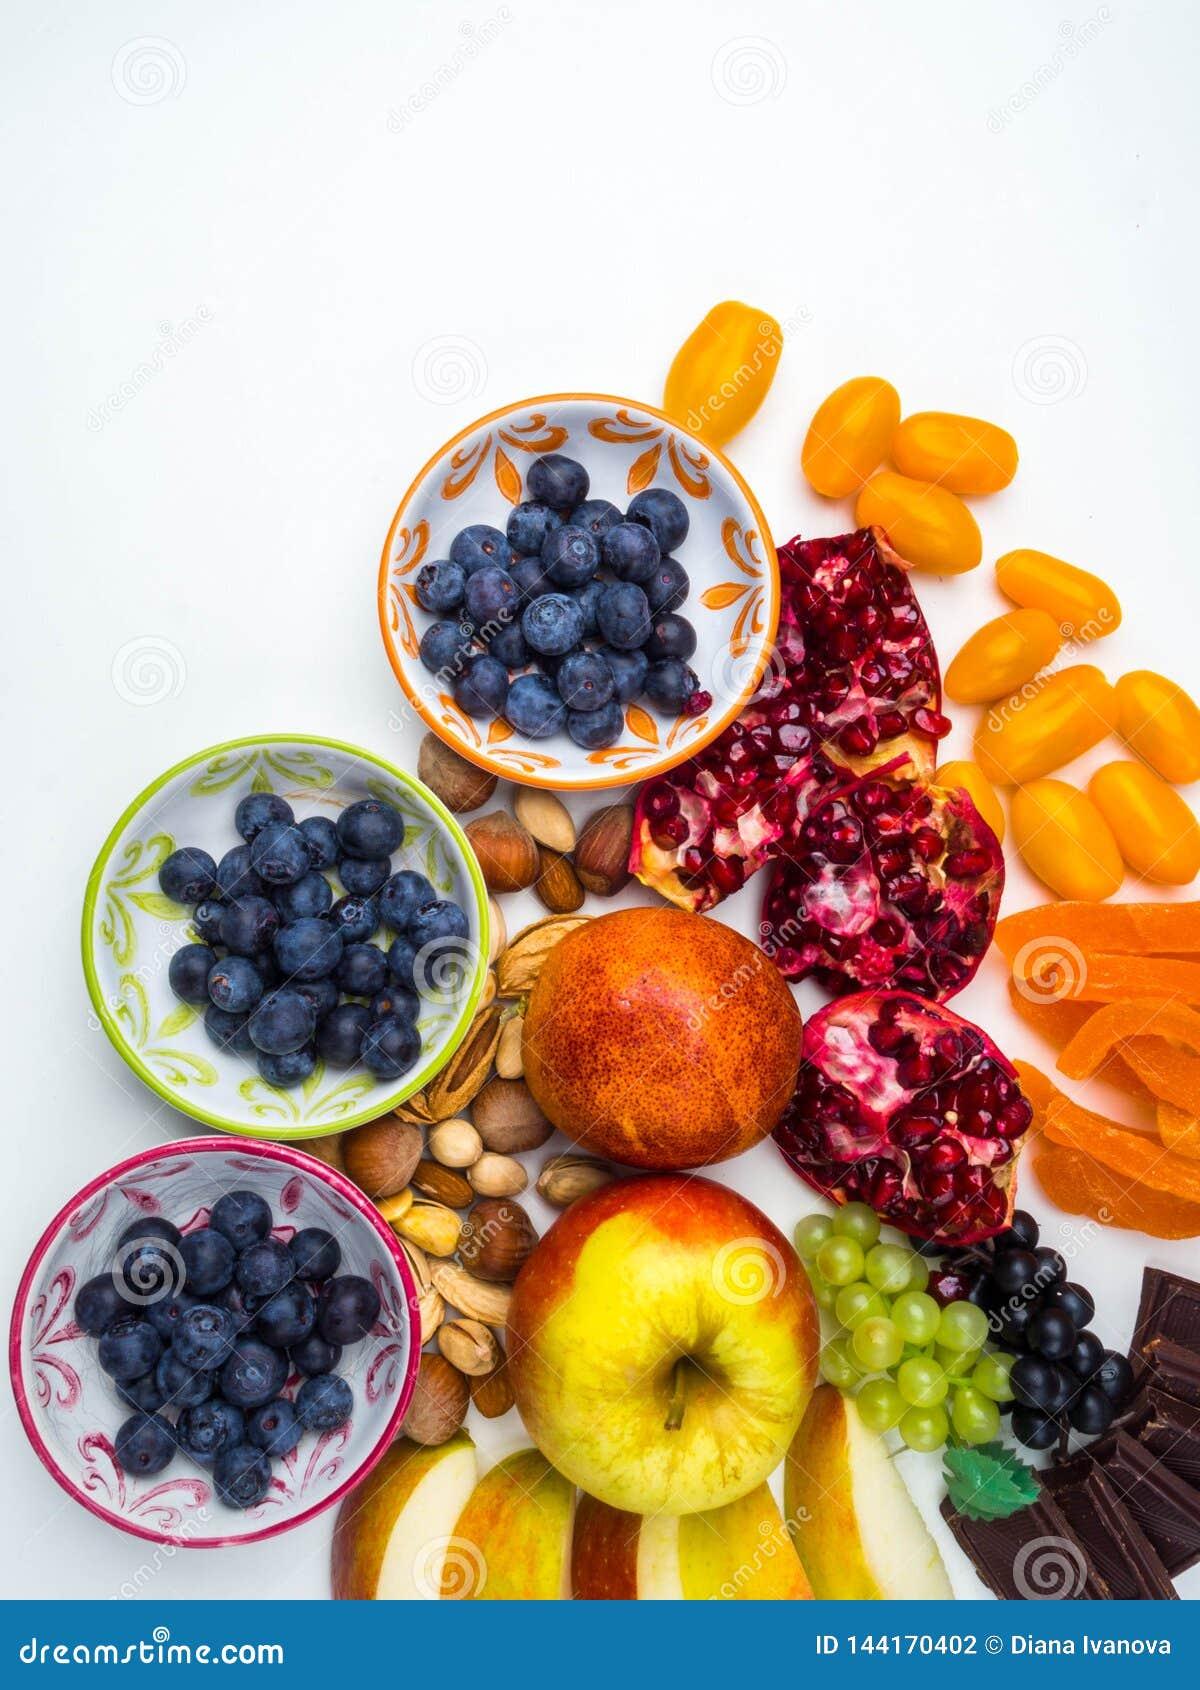 Superantioxydantien Superfood Mischung von frischen Fr?chten und von Beeren, reich mit Resveratrol, Vitamine, rohe Lebensmittelin